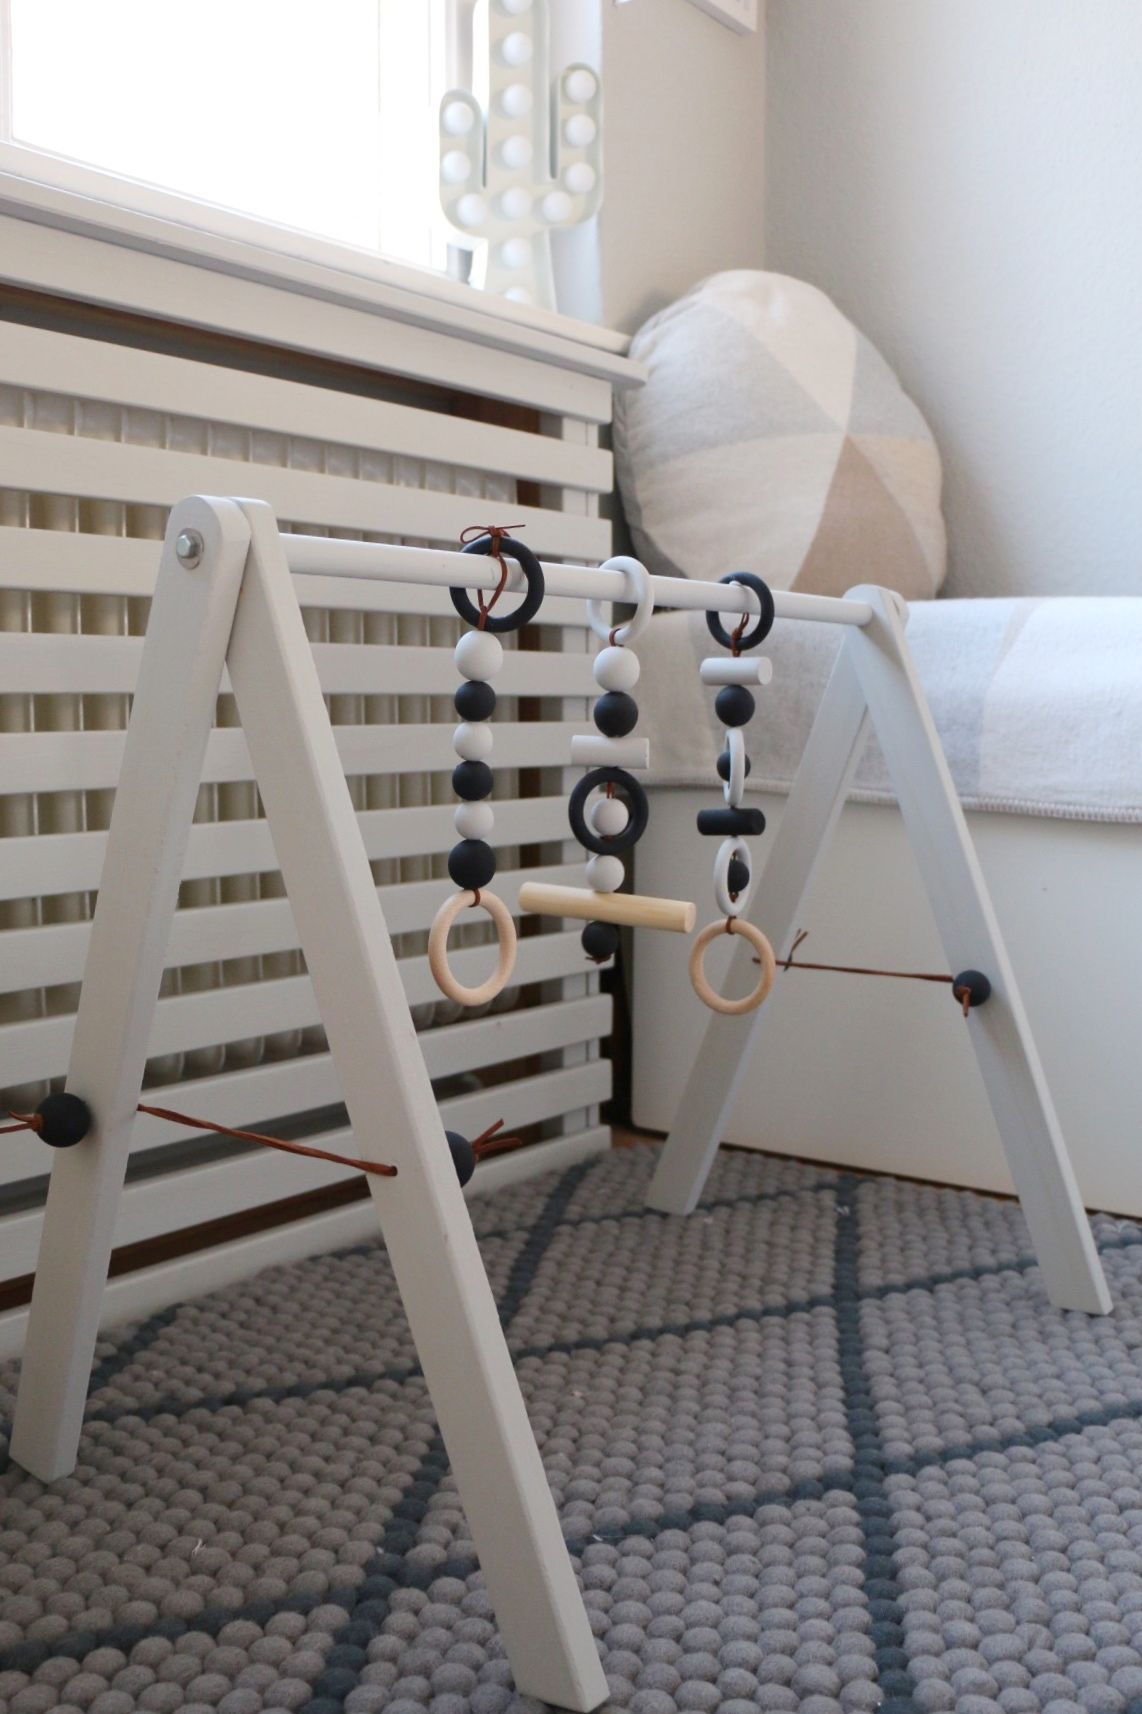 DIY Wooden Baby Gym – Babygym aus Holz im skandinavischen Design | Craft